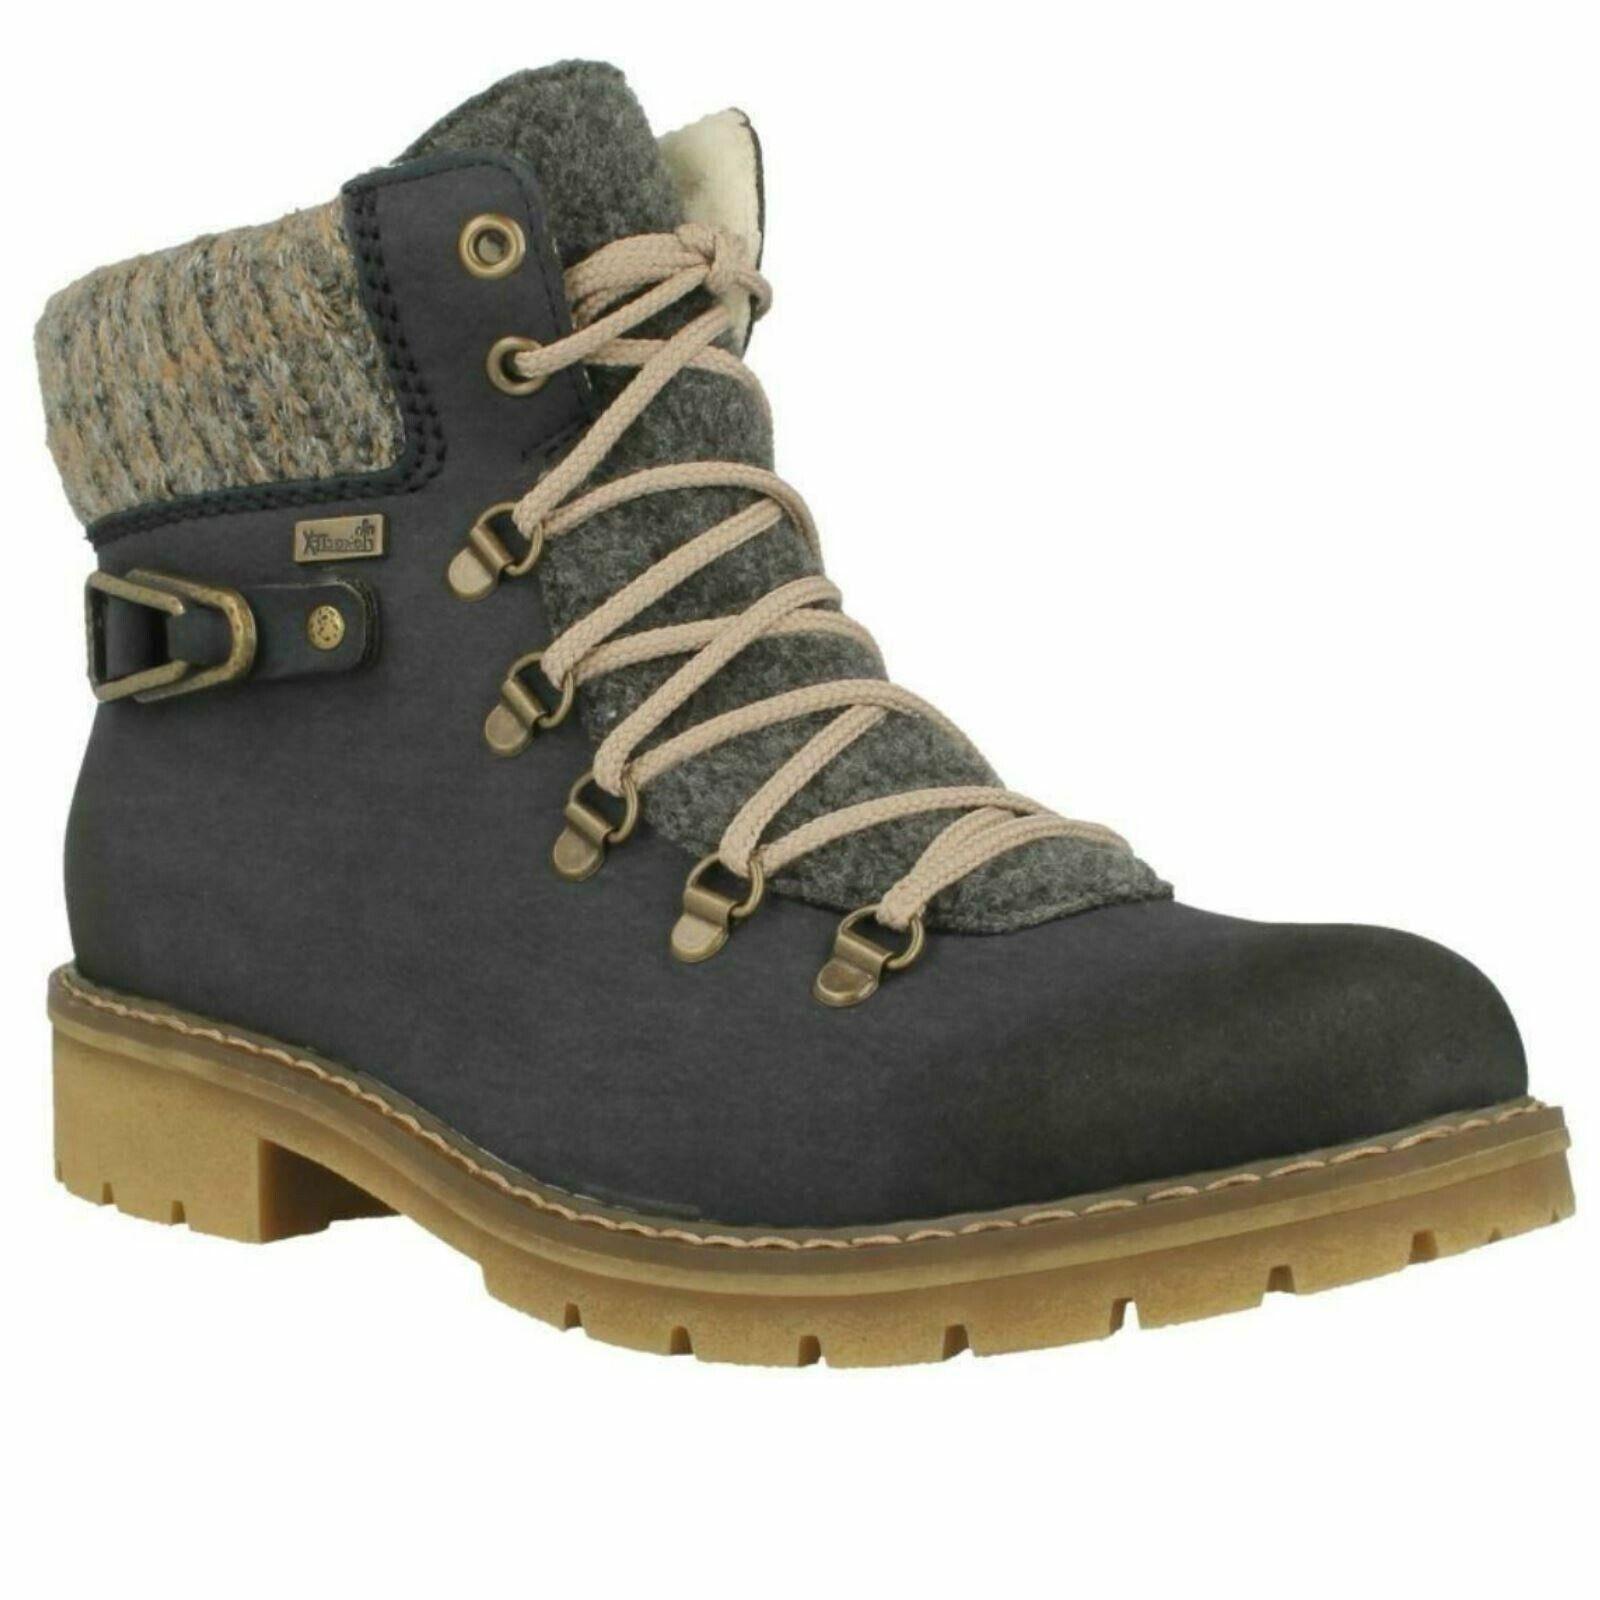 Damen Rieker Schnürer Freizeit Pelzfutter Warm Winter Bequem Stiefel Schuhe Y9131